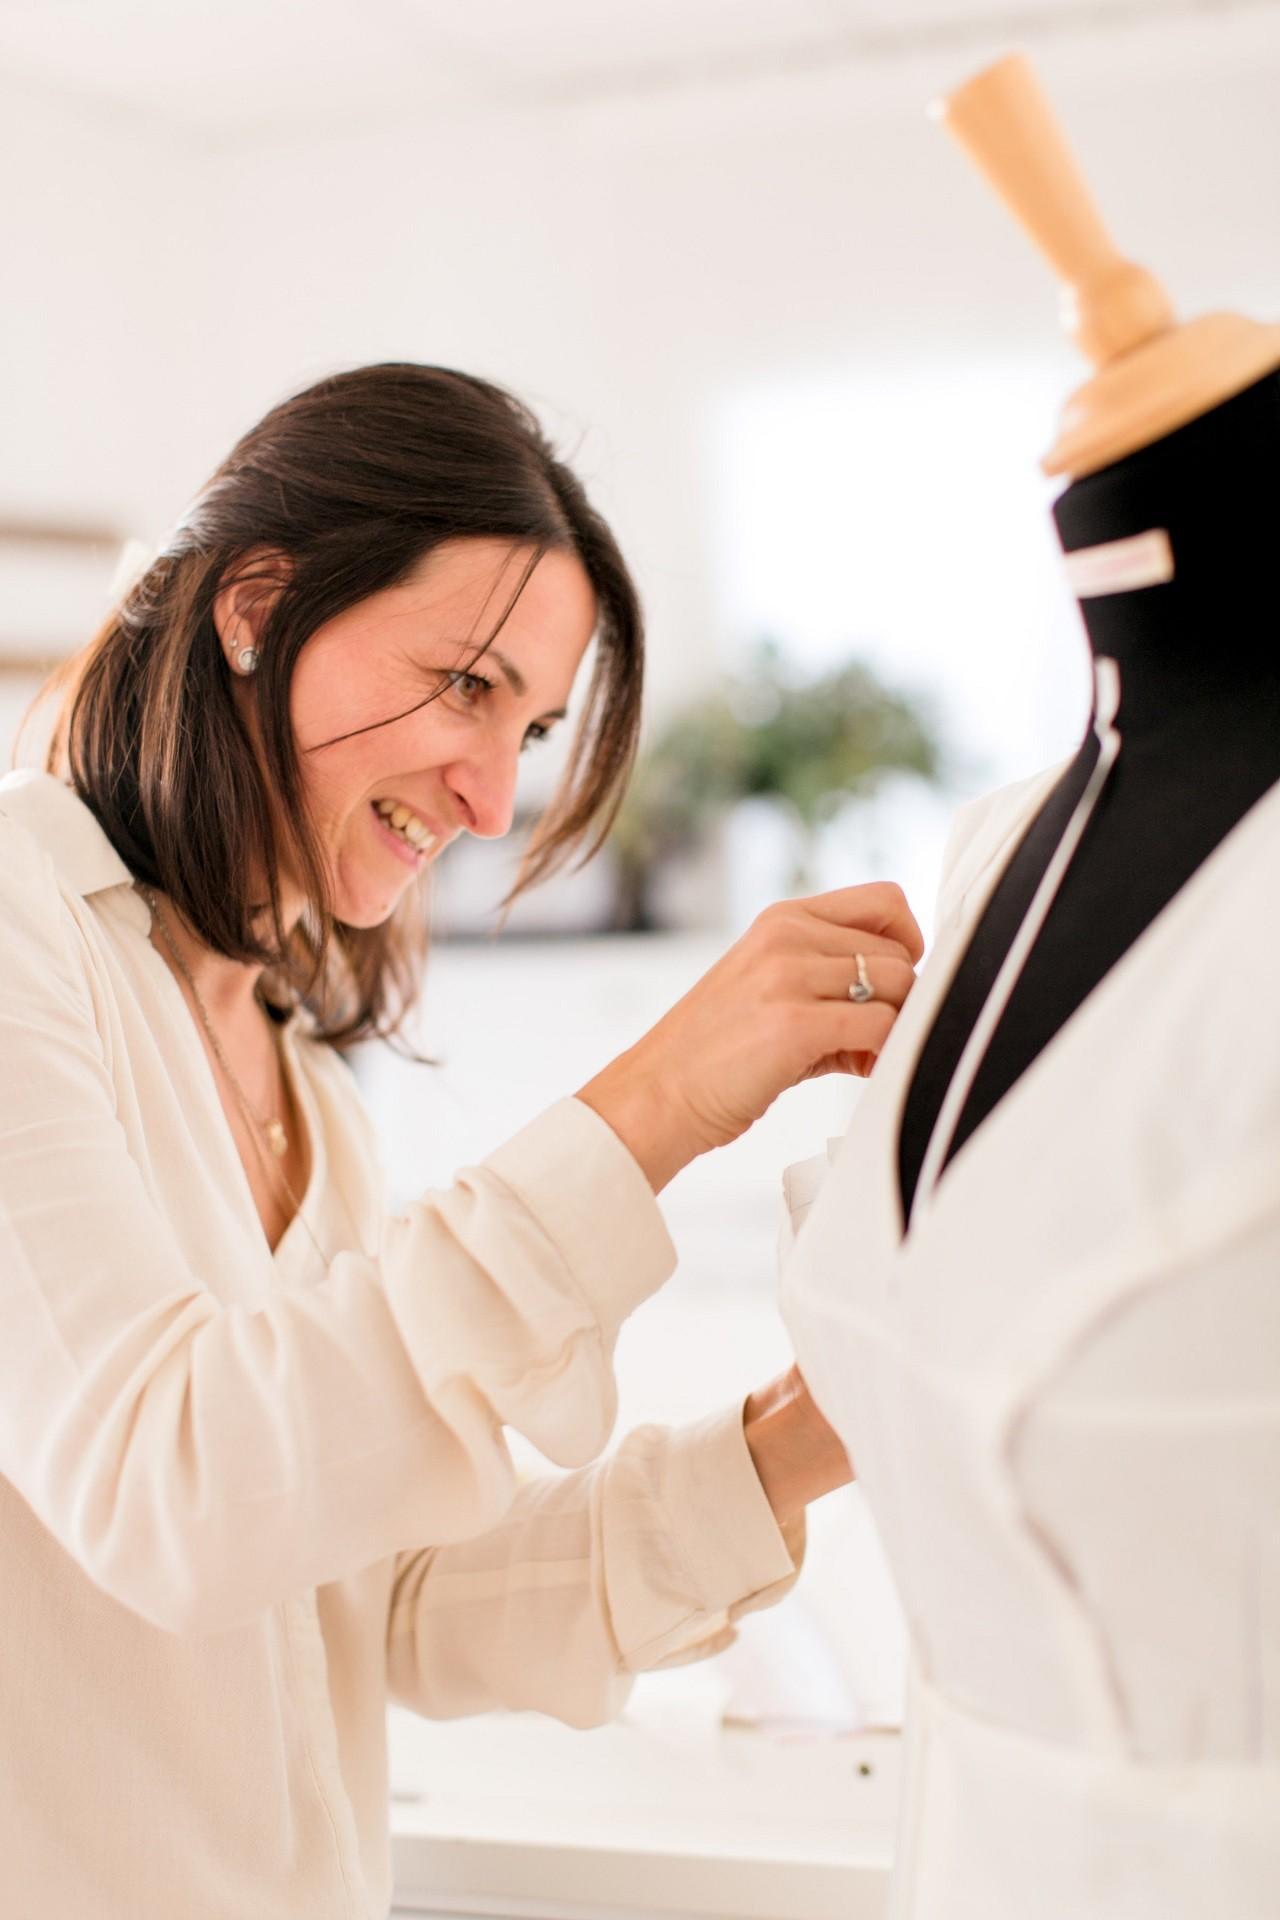 La créatrice nantaise Laetitia Drouet réalise des robes de mariée unique et sur mesure une véritable passion